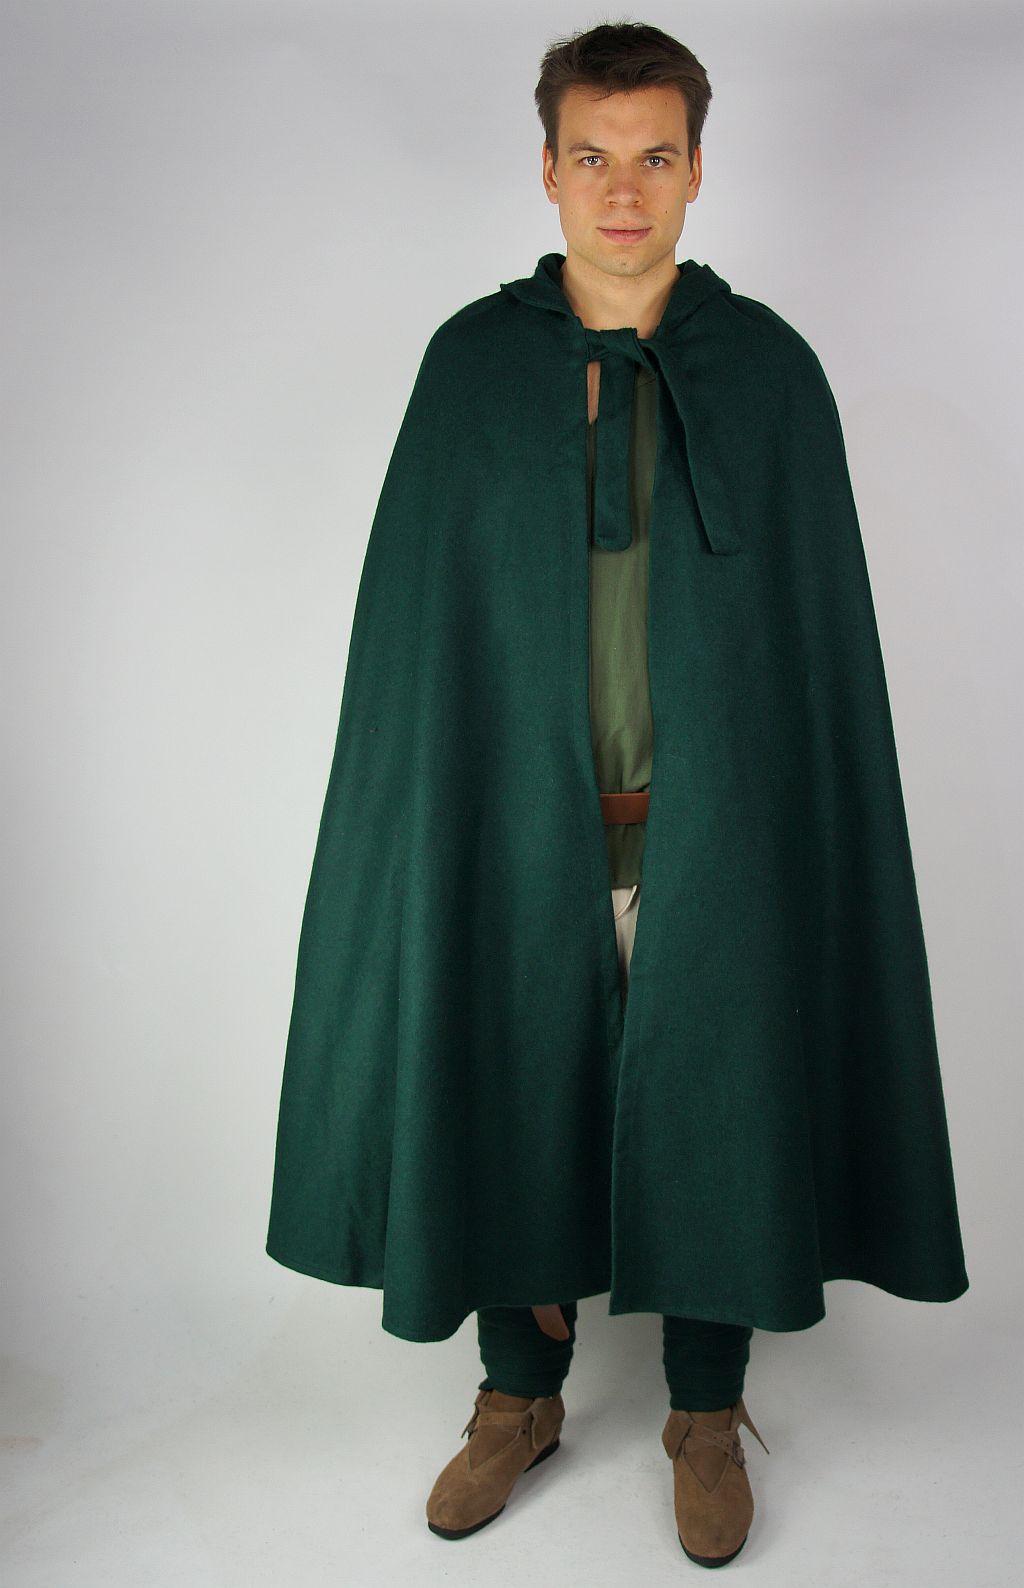 Kapuzen Umhang Mantel Halbkreismantel Aus Wolle Gewand Für